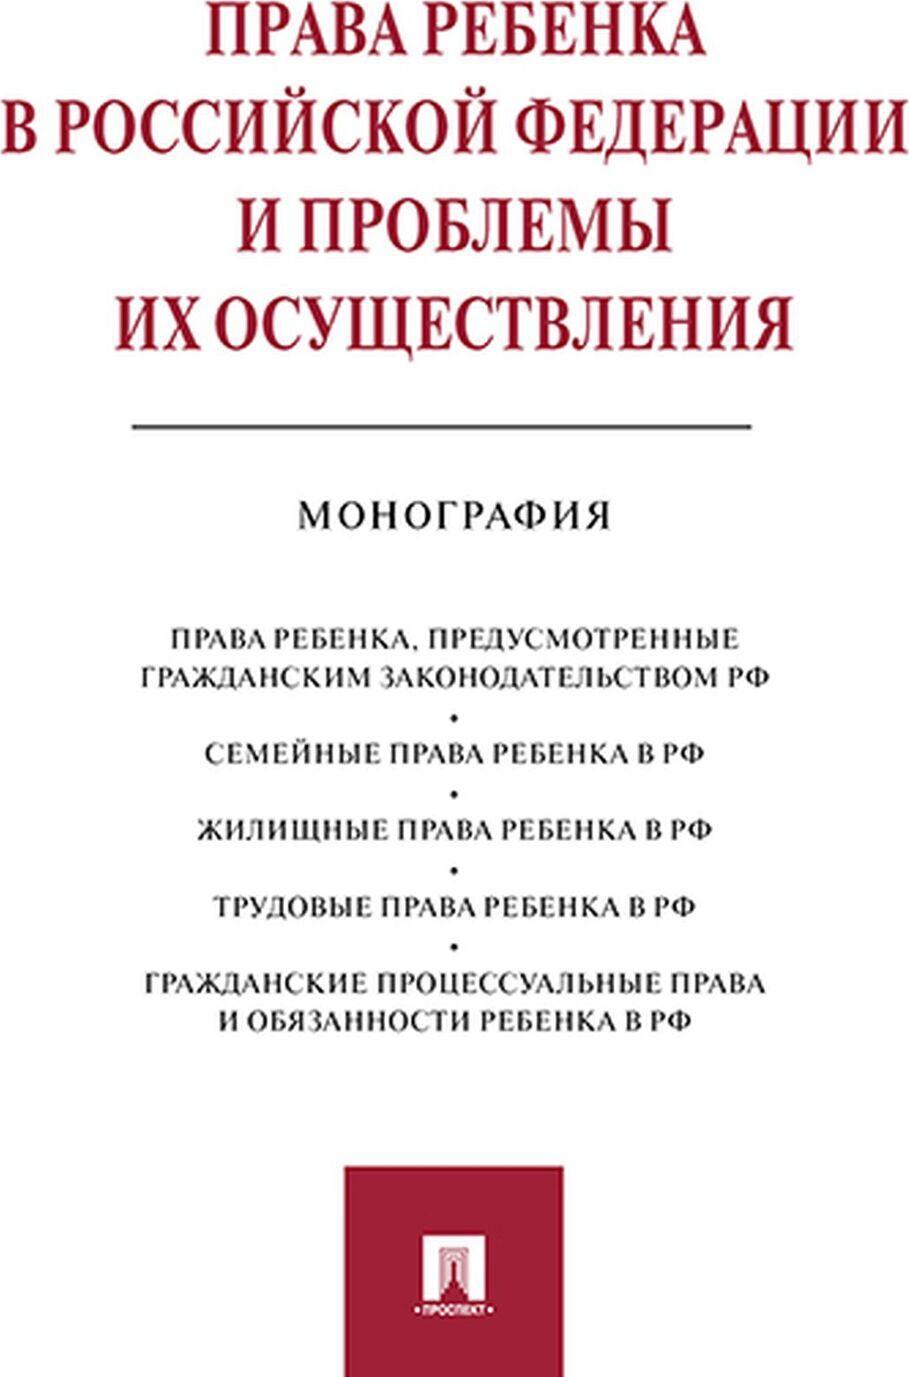 Prava rebenka v RF i problemy ikh osuschestvlenija.Monografija.